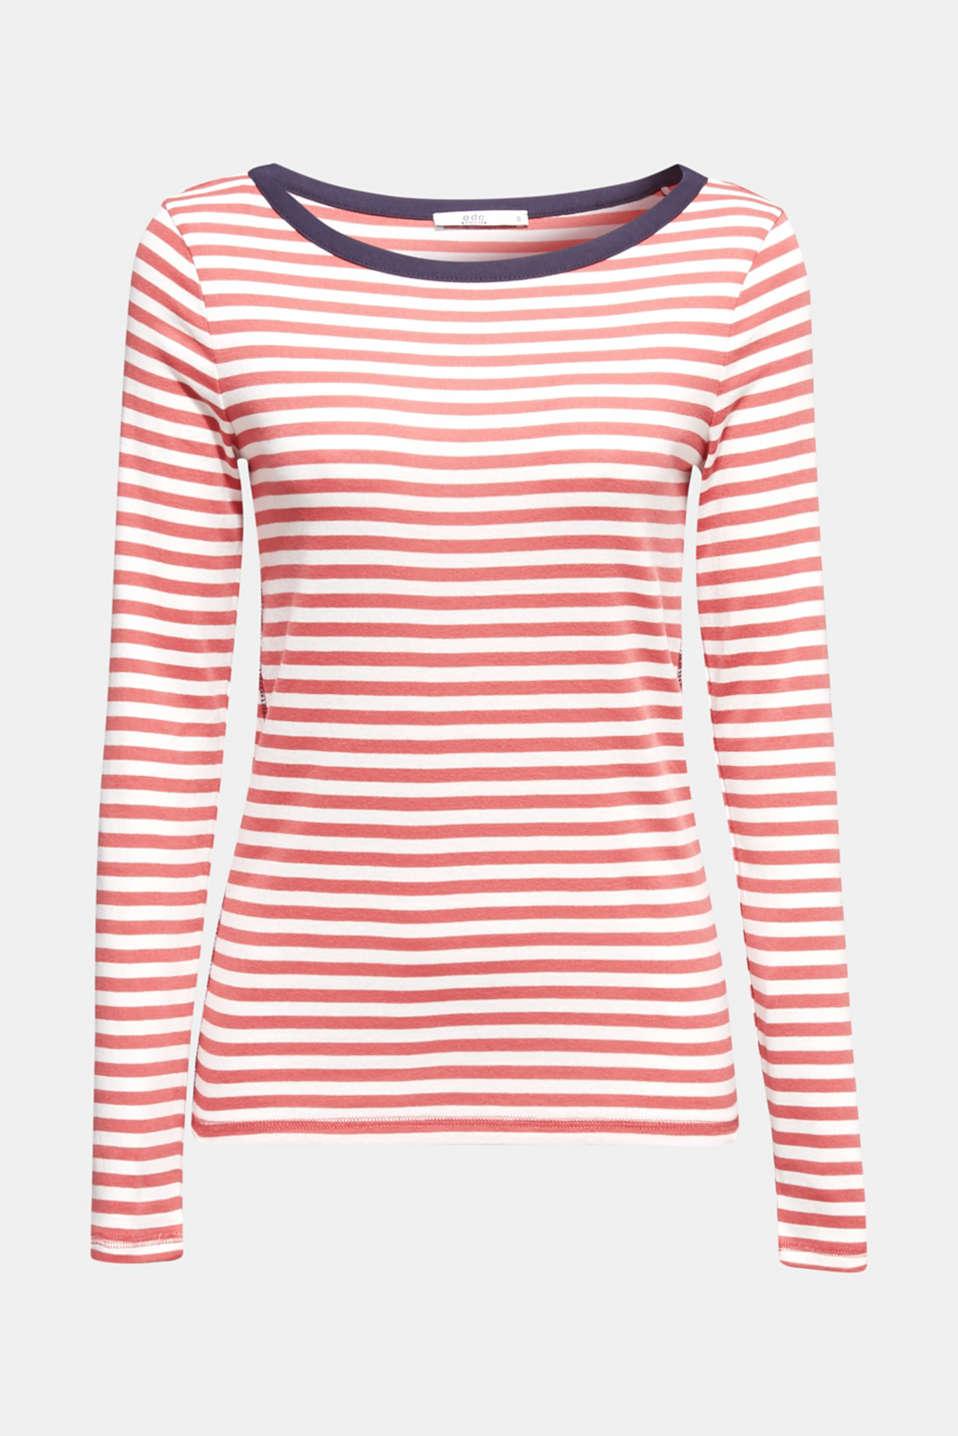 T-Shirts, BLUSH 4, detail image number 5